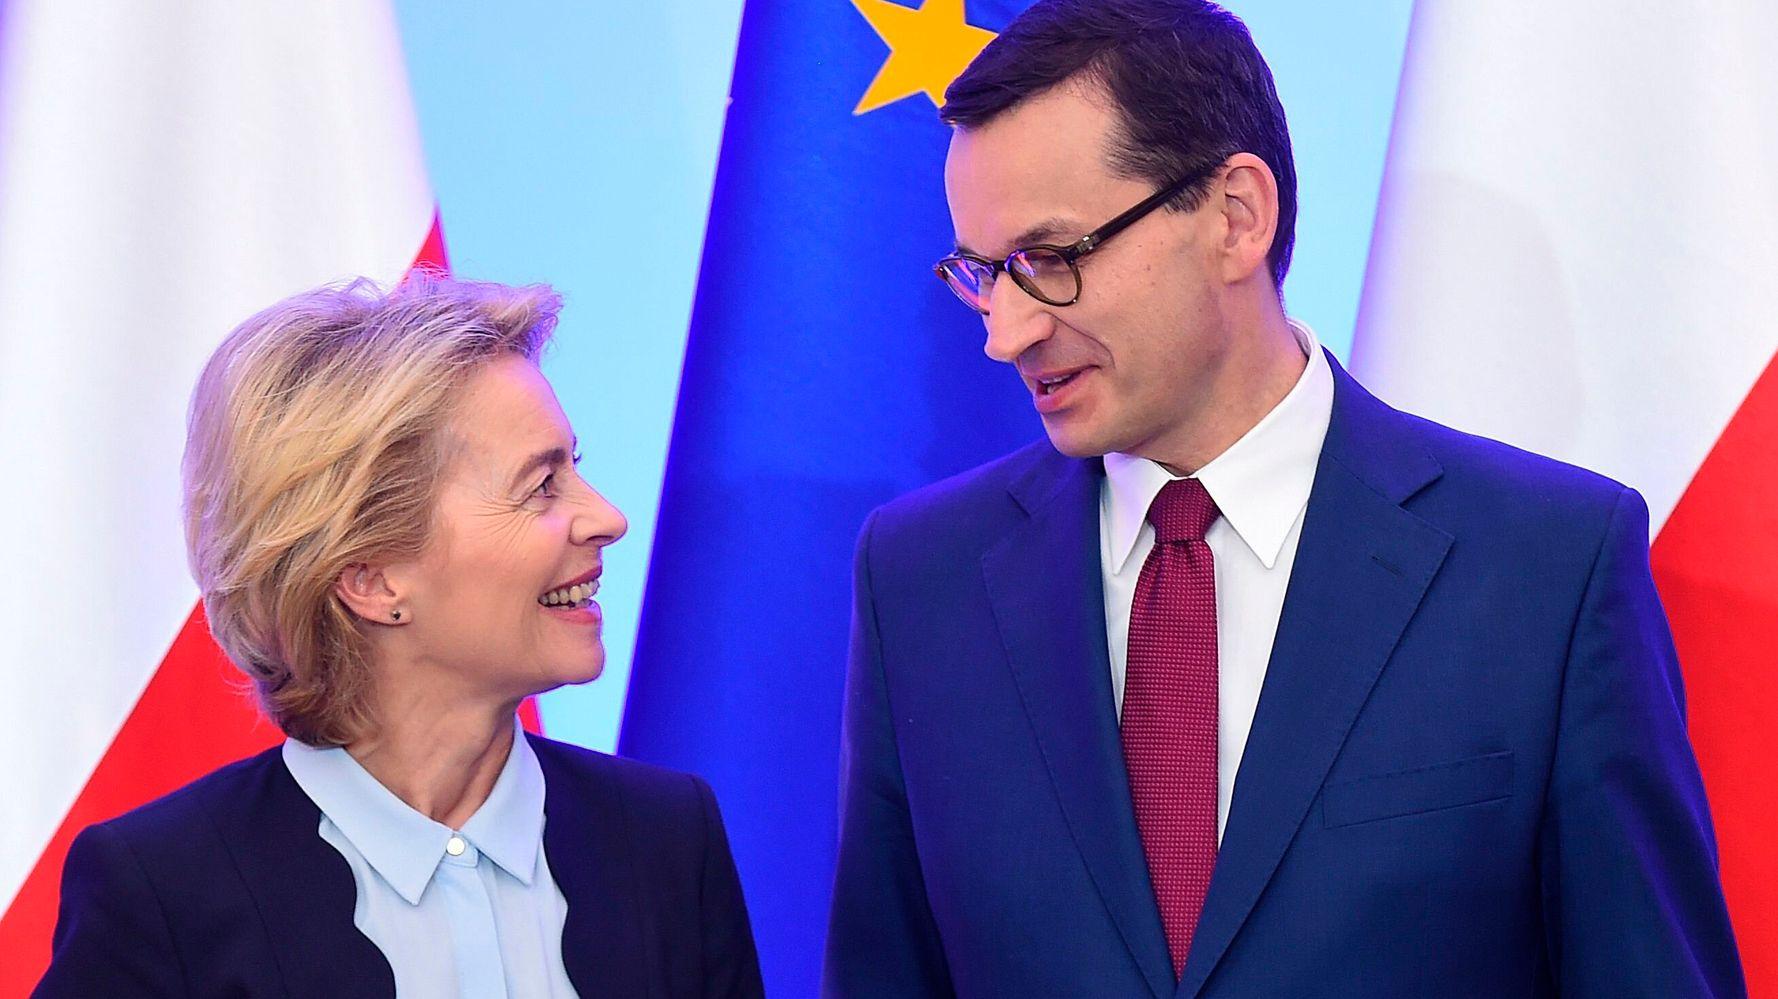 Primato Del Diritto Europeo